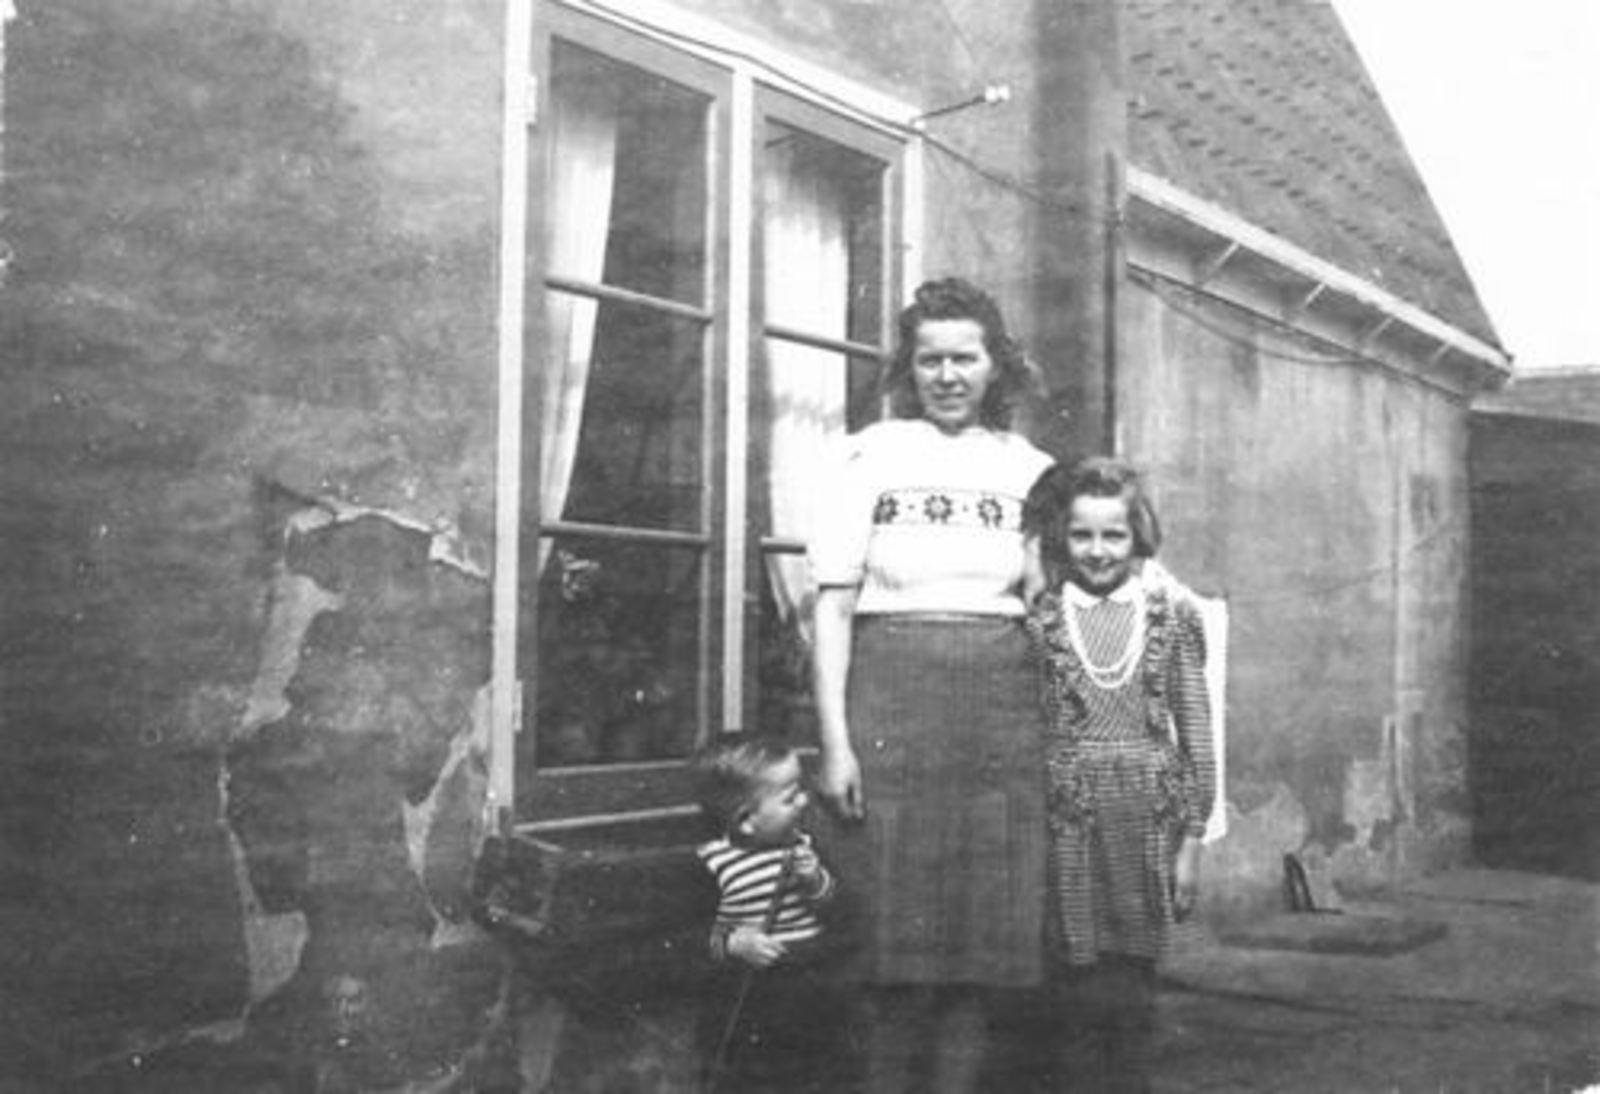 Verzaal Cees 19__ gezin met kinderen v Olphen 01